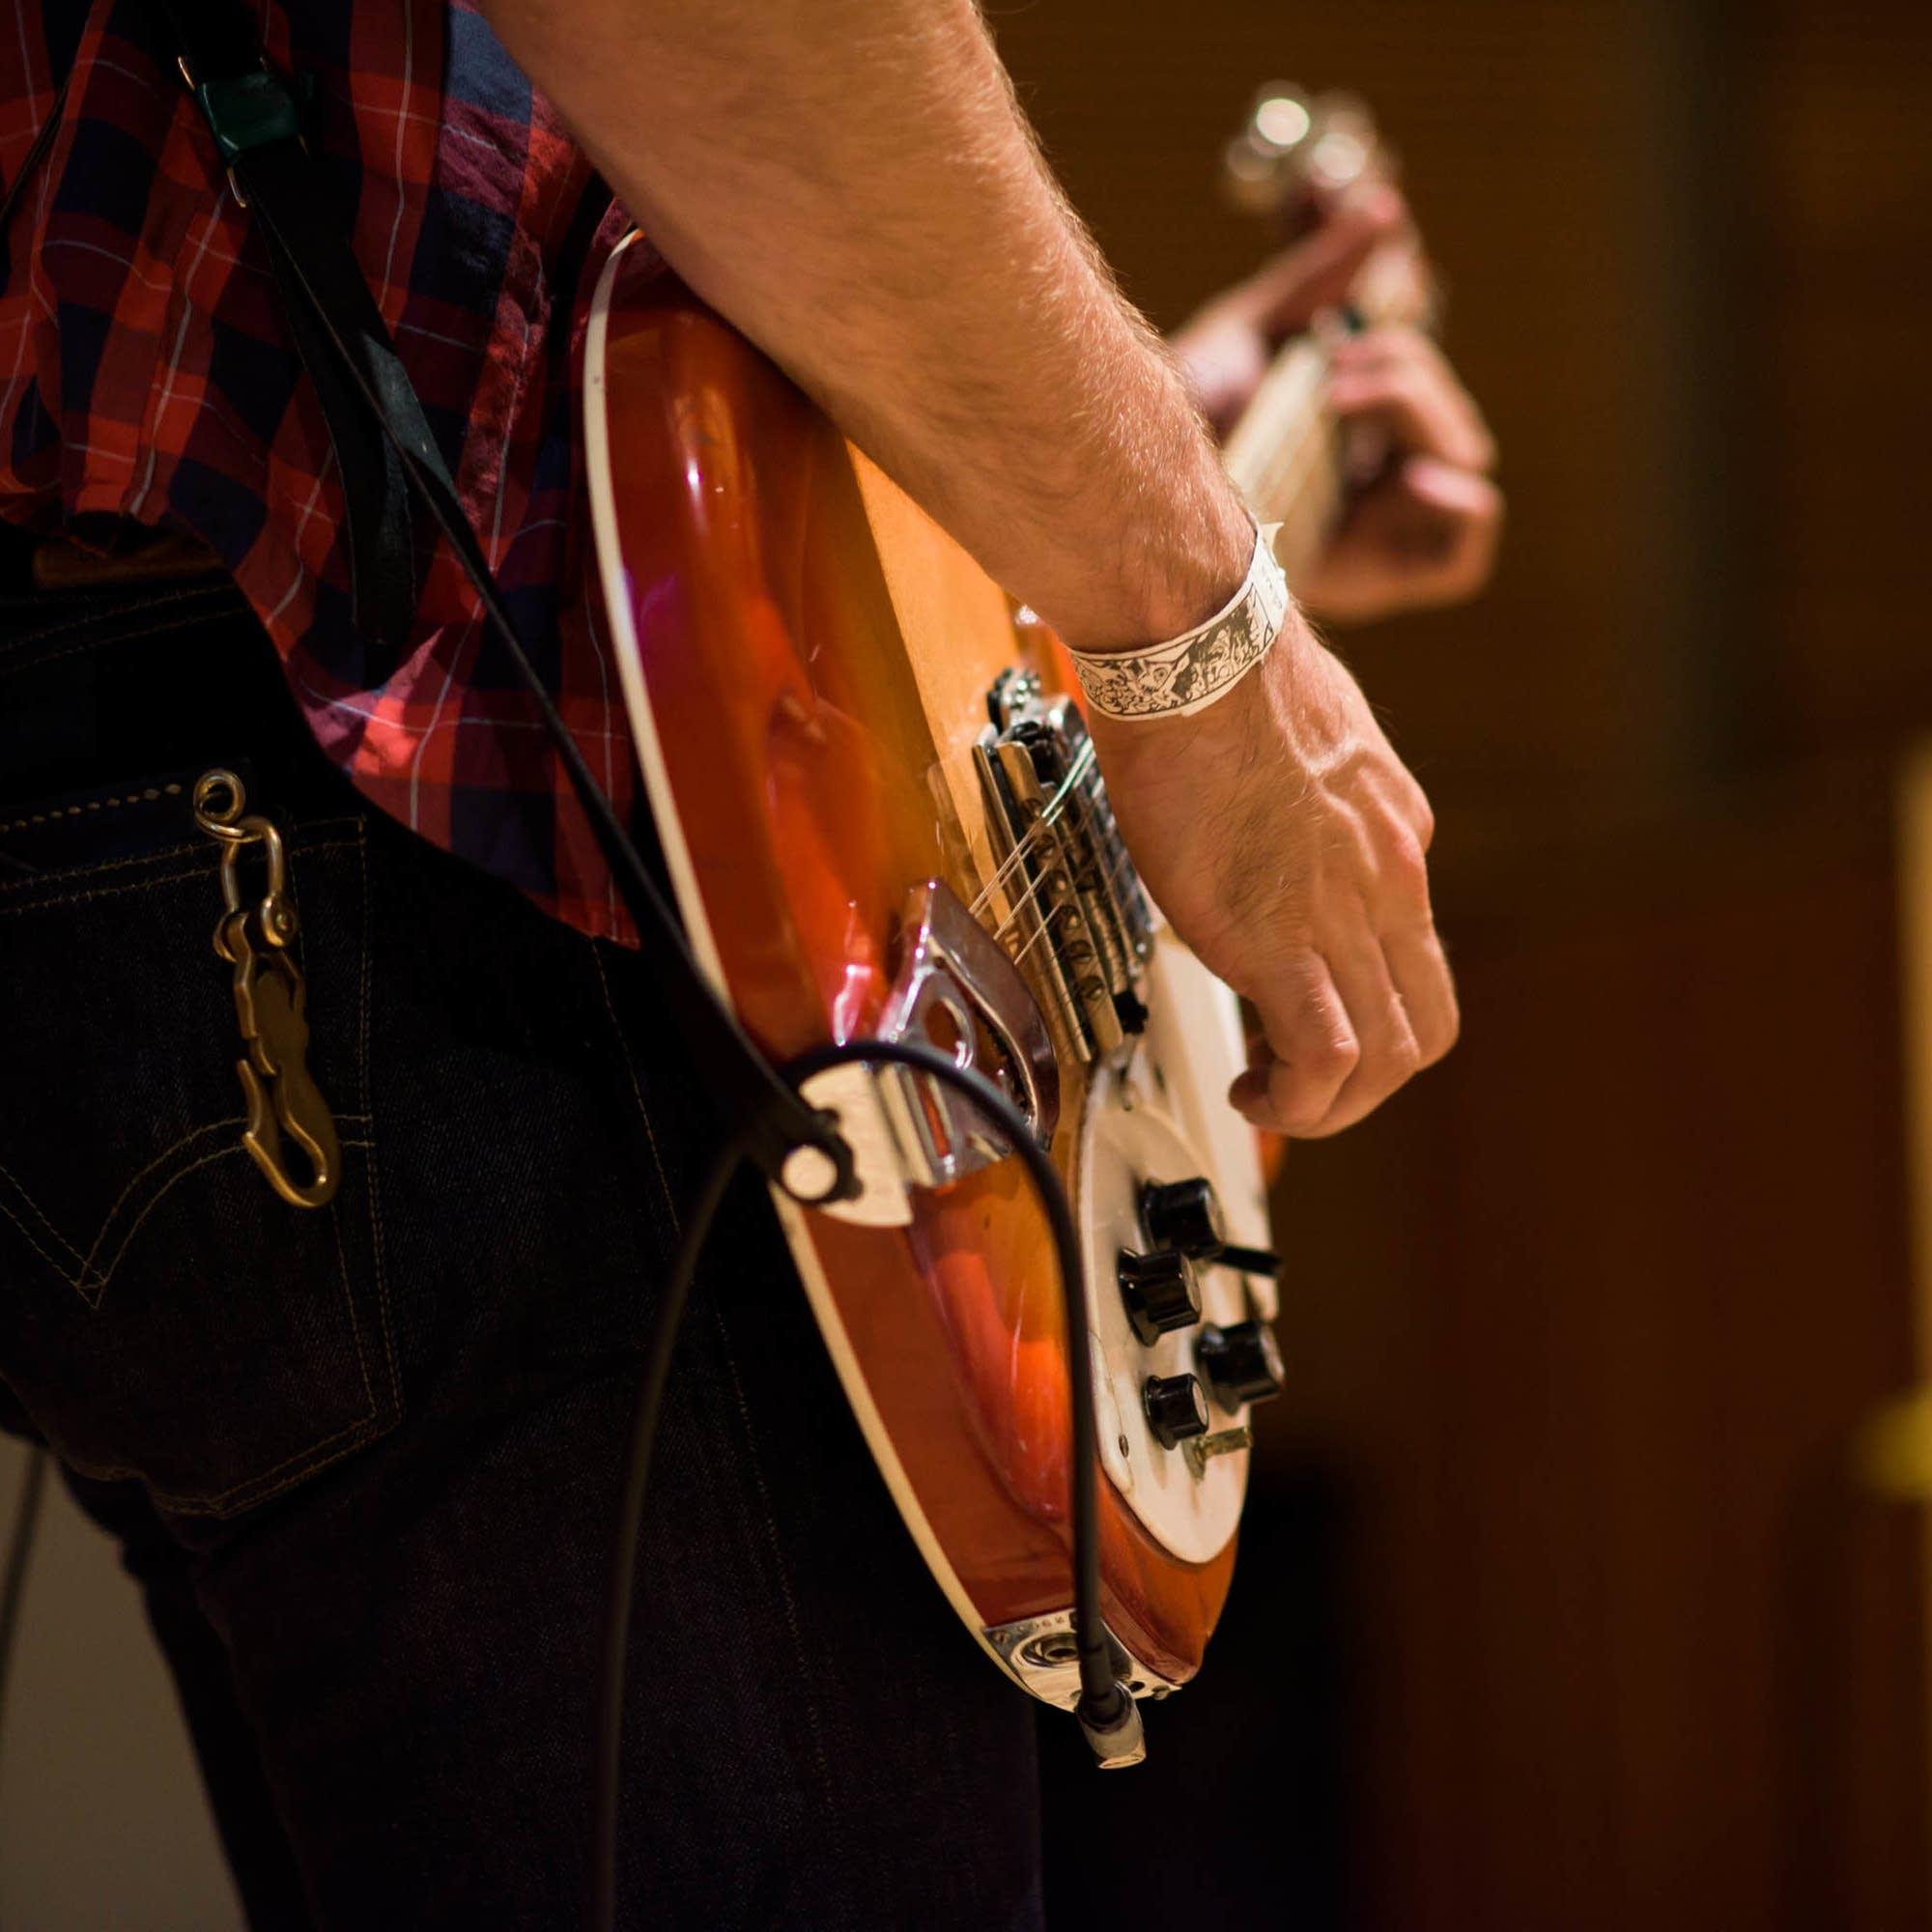 Josh Jove, Rickenbacker 360 12-string